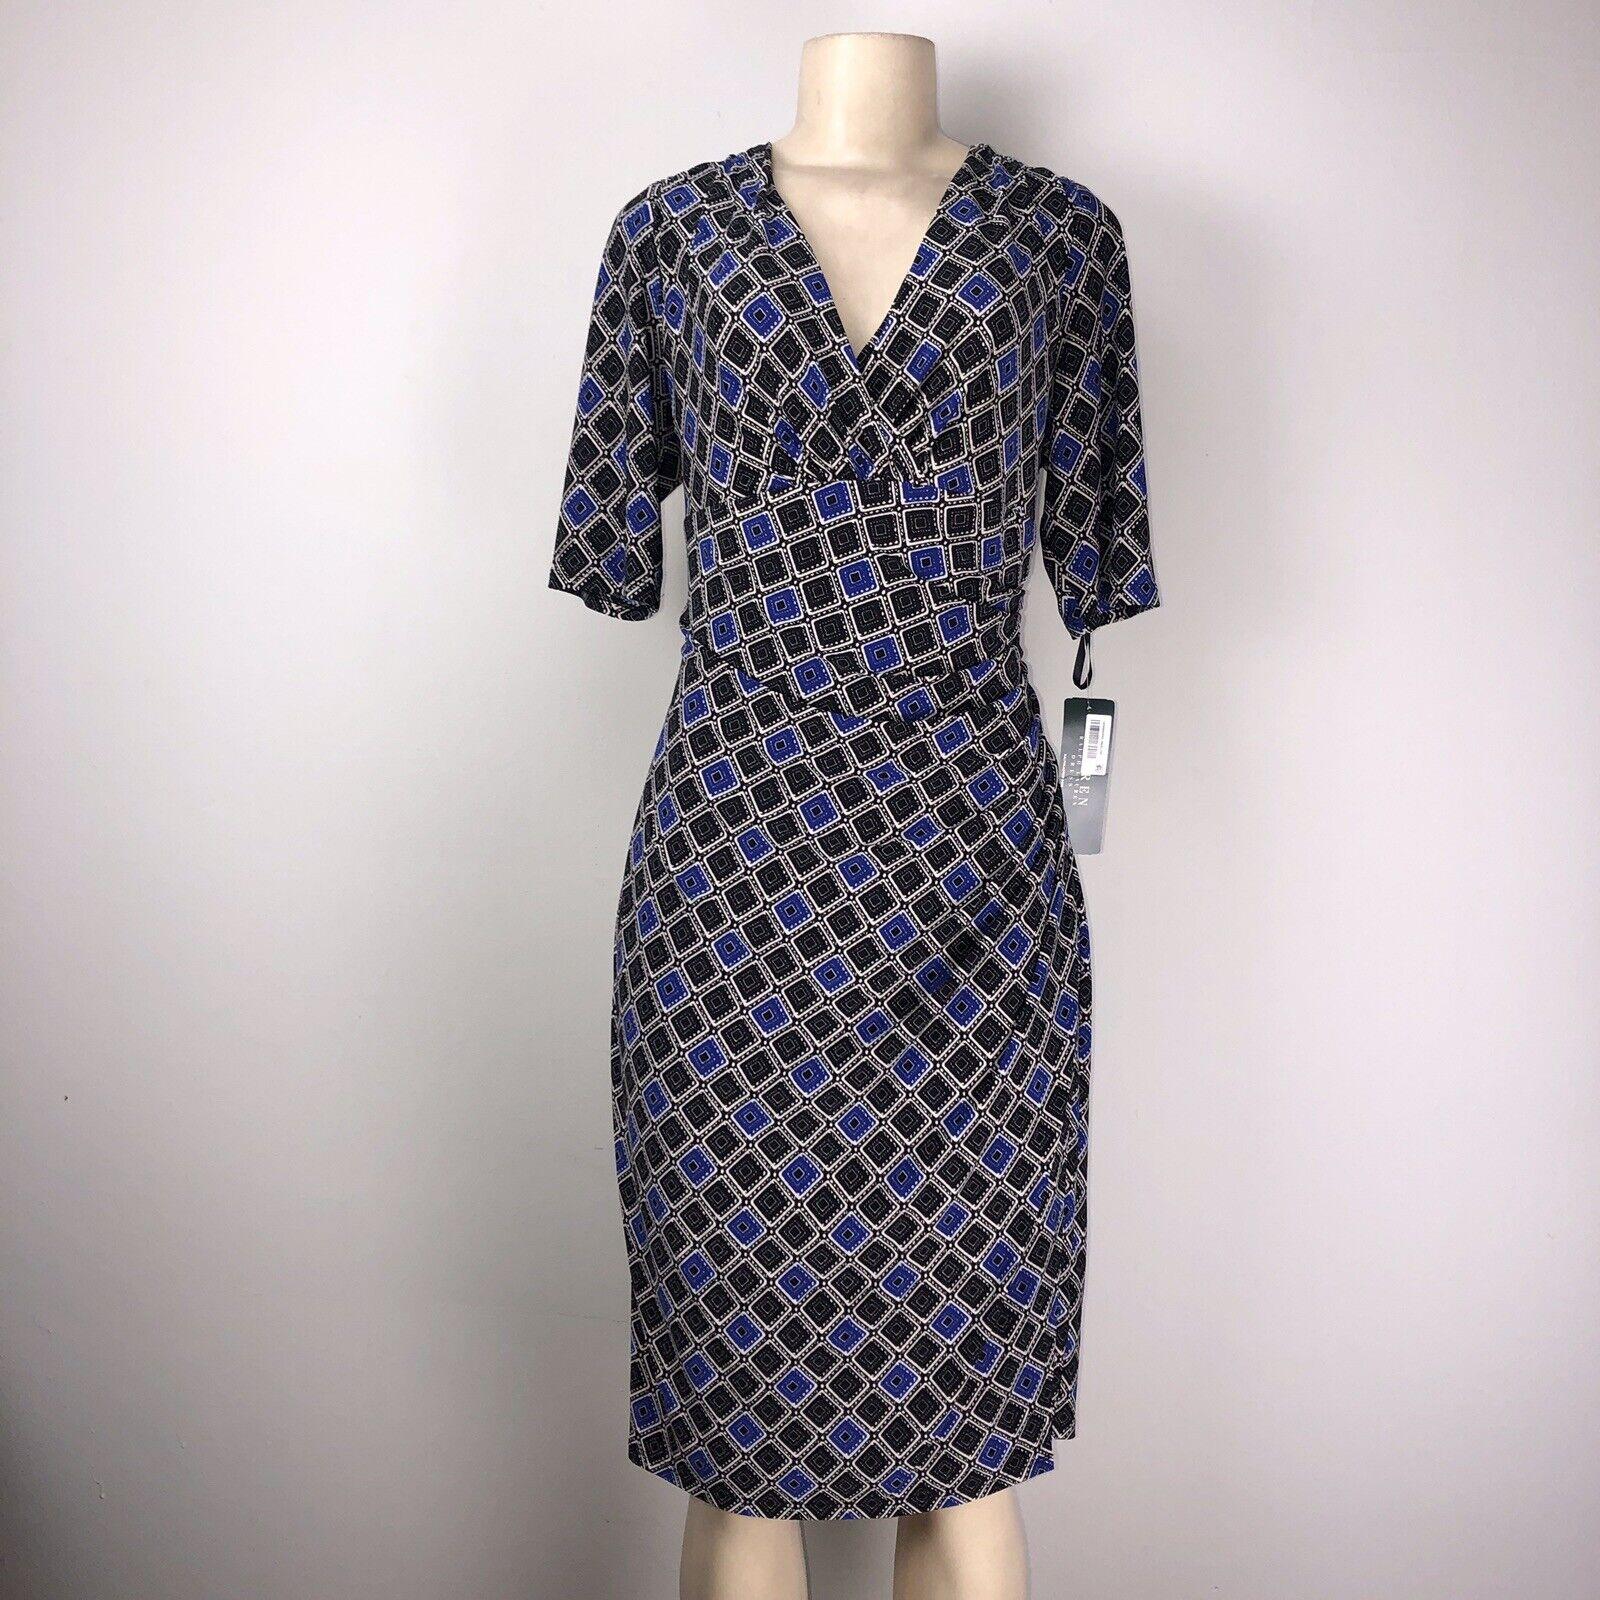 Lauren by Ralph Lauren Ruche Wrap Short Sleeve schwarz Blau Wrap Dress Größe 14 NWT